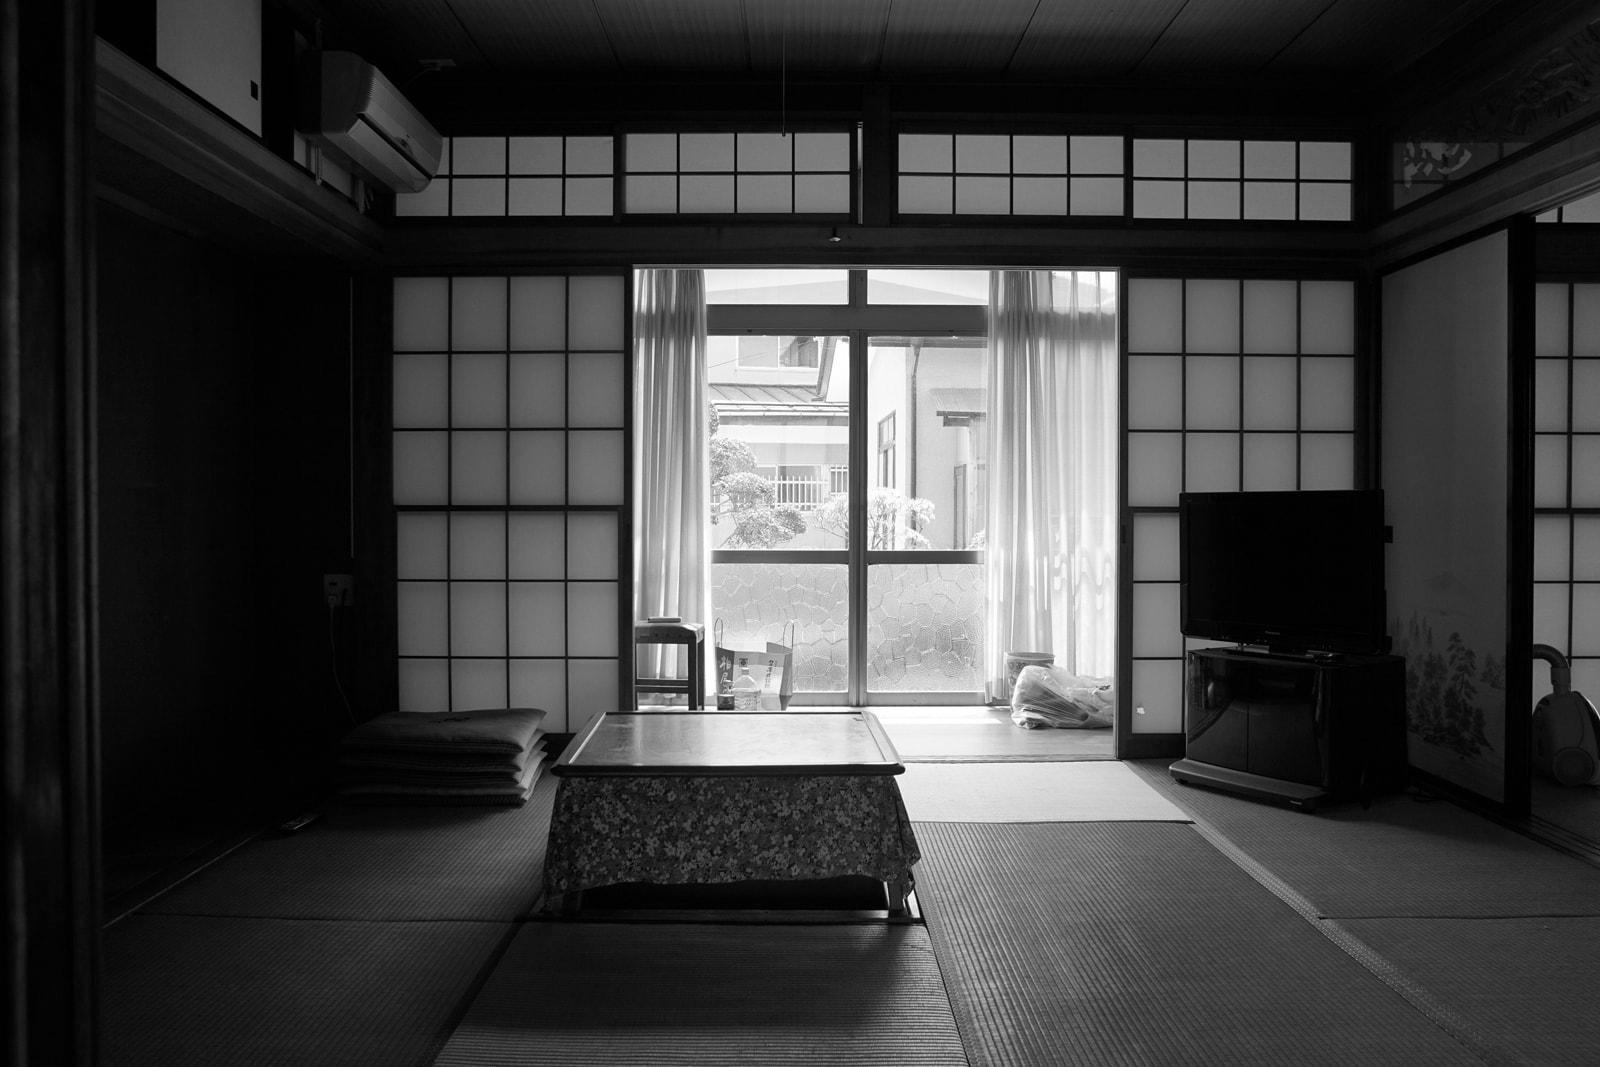 個室とほぼ同じサイズで開放感が足りなかった既存の居間